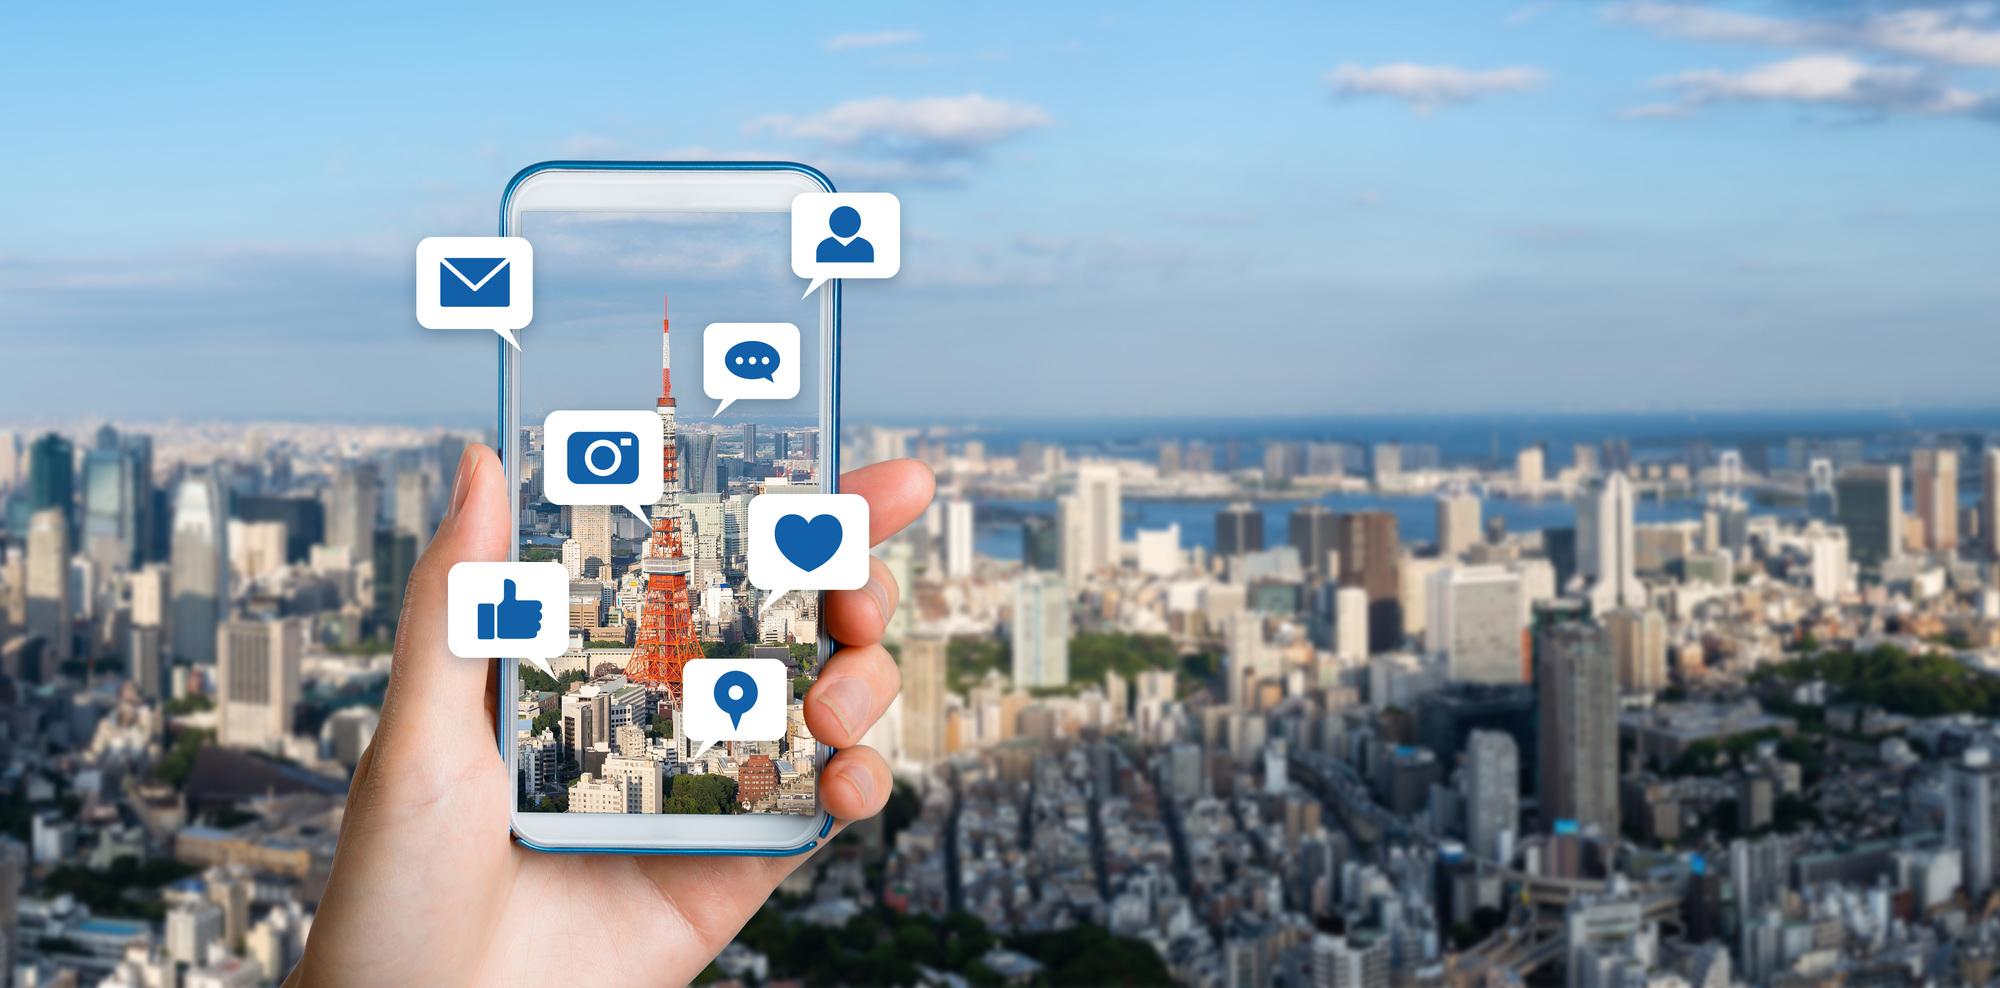 Facebookメッセンジャーで作るチャットボットとは?仕組みや導入事例を紹介